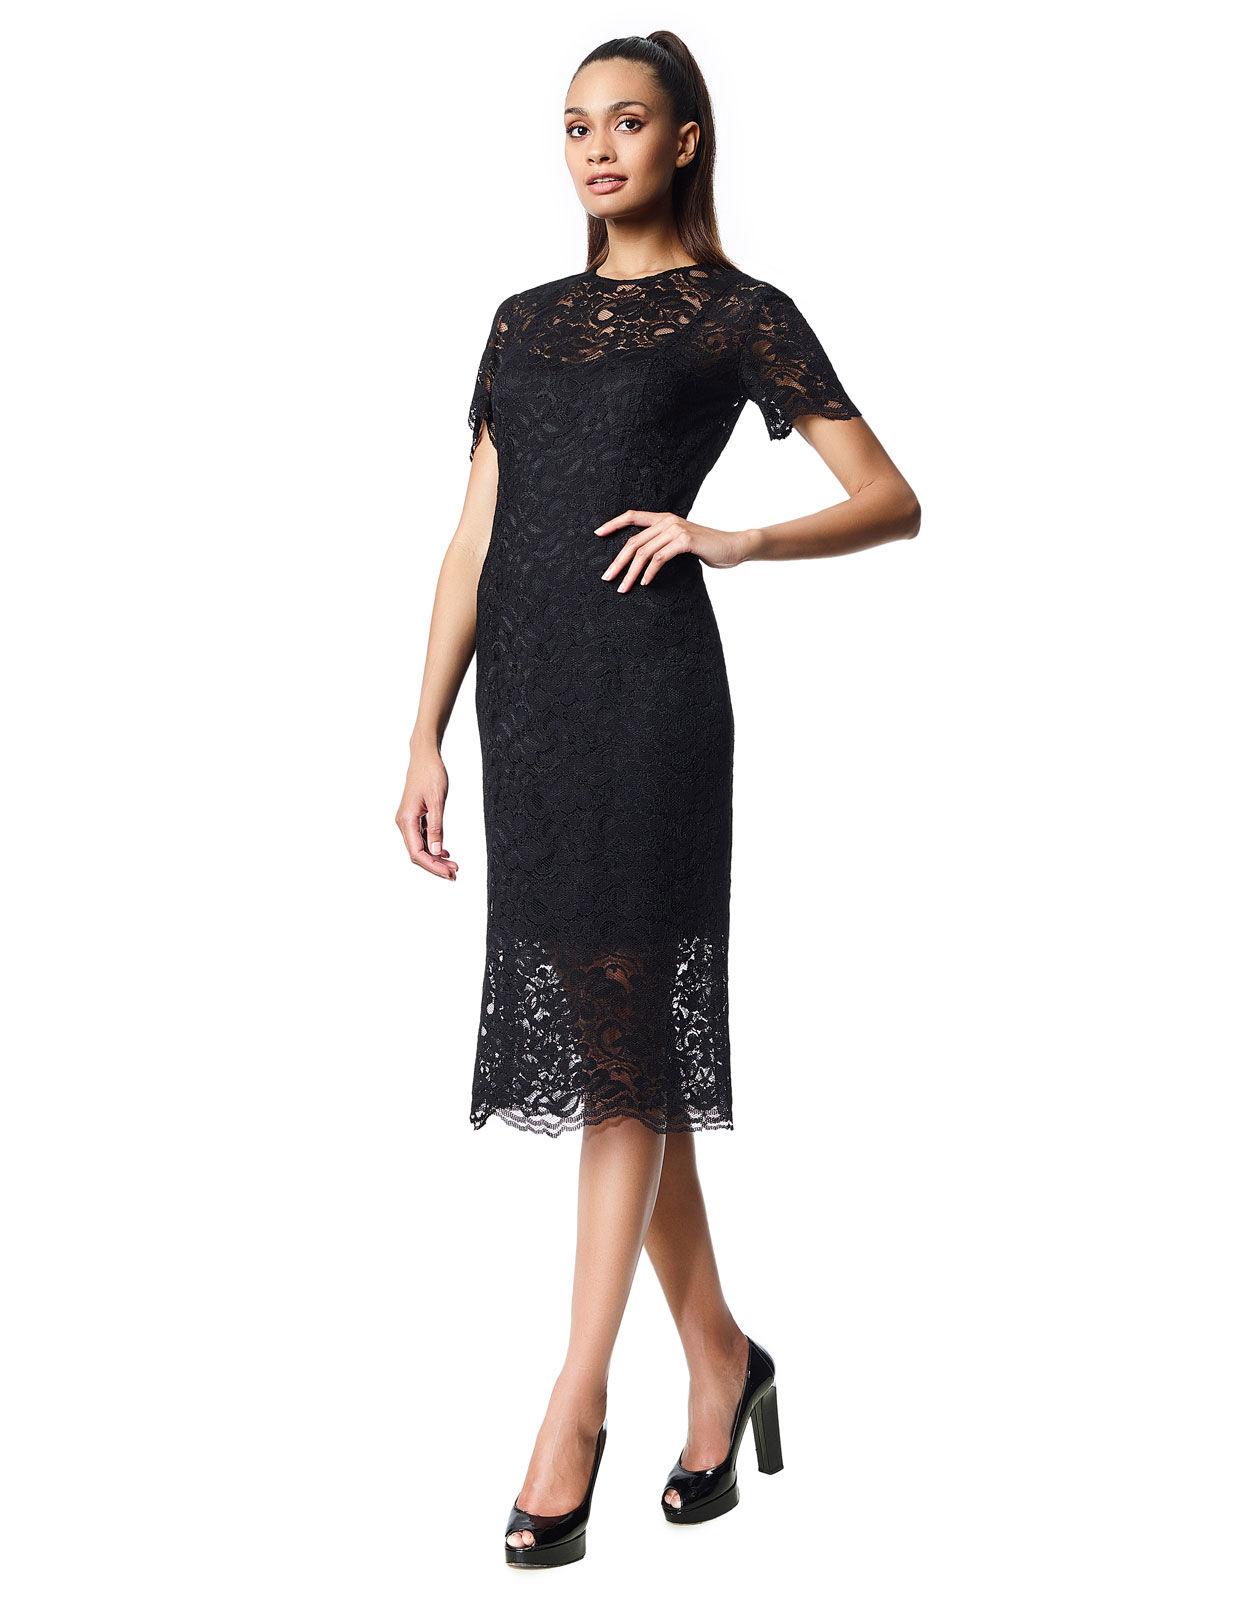 Abbildung von LaDress Adriana spitze kleid schwarz